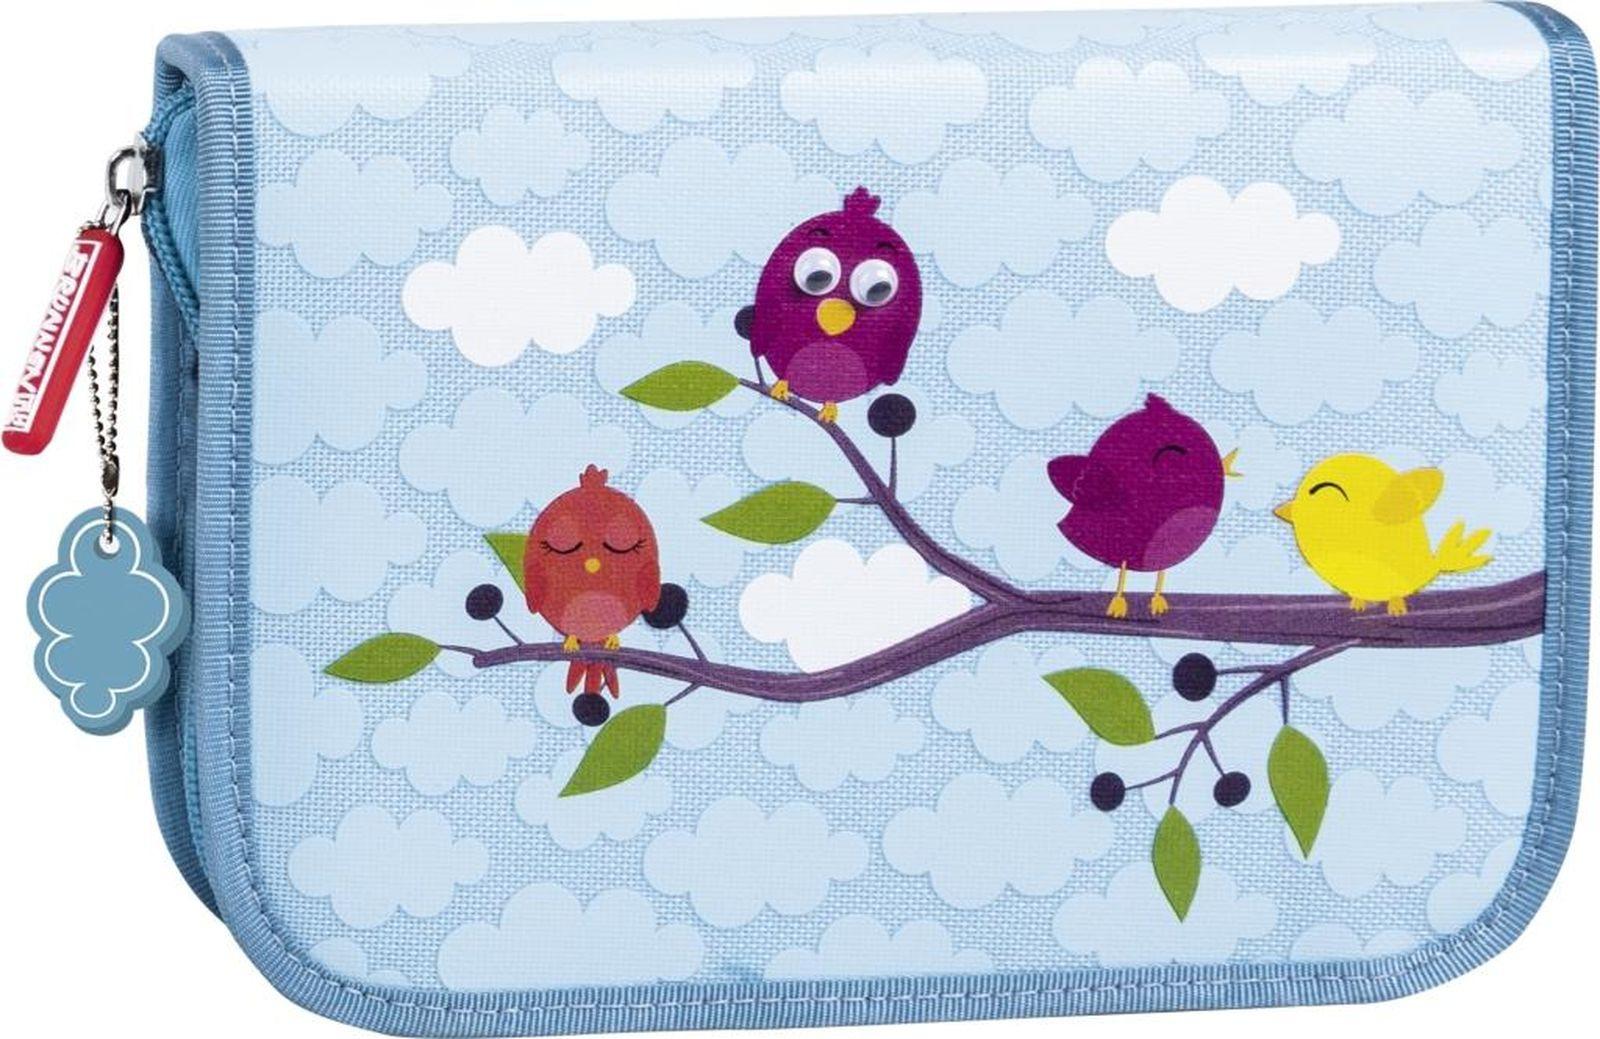 Пенал Brunnen Birds, 49120-13, голубой, 19,5 х 13,5 х 3,5 см